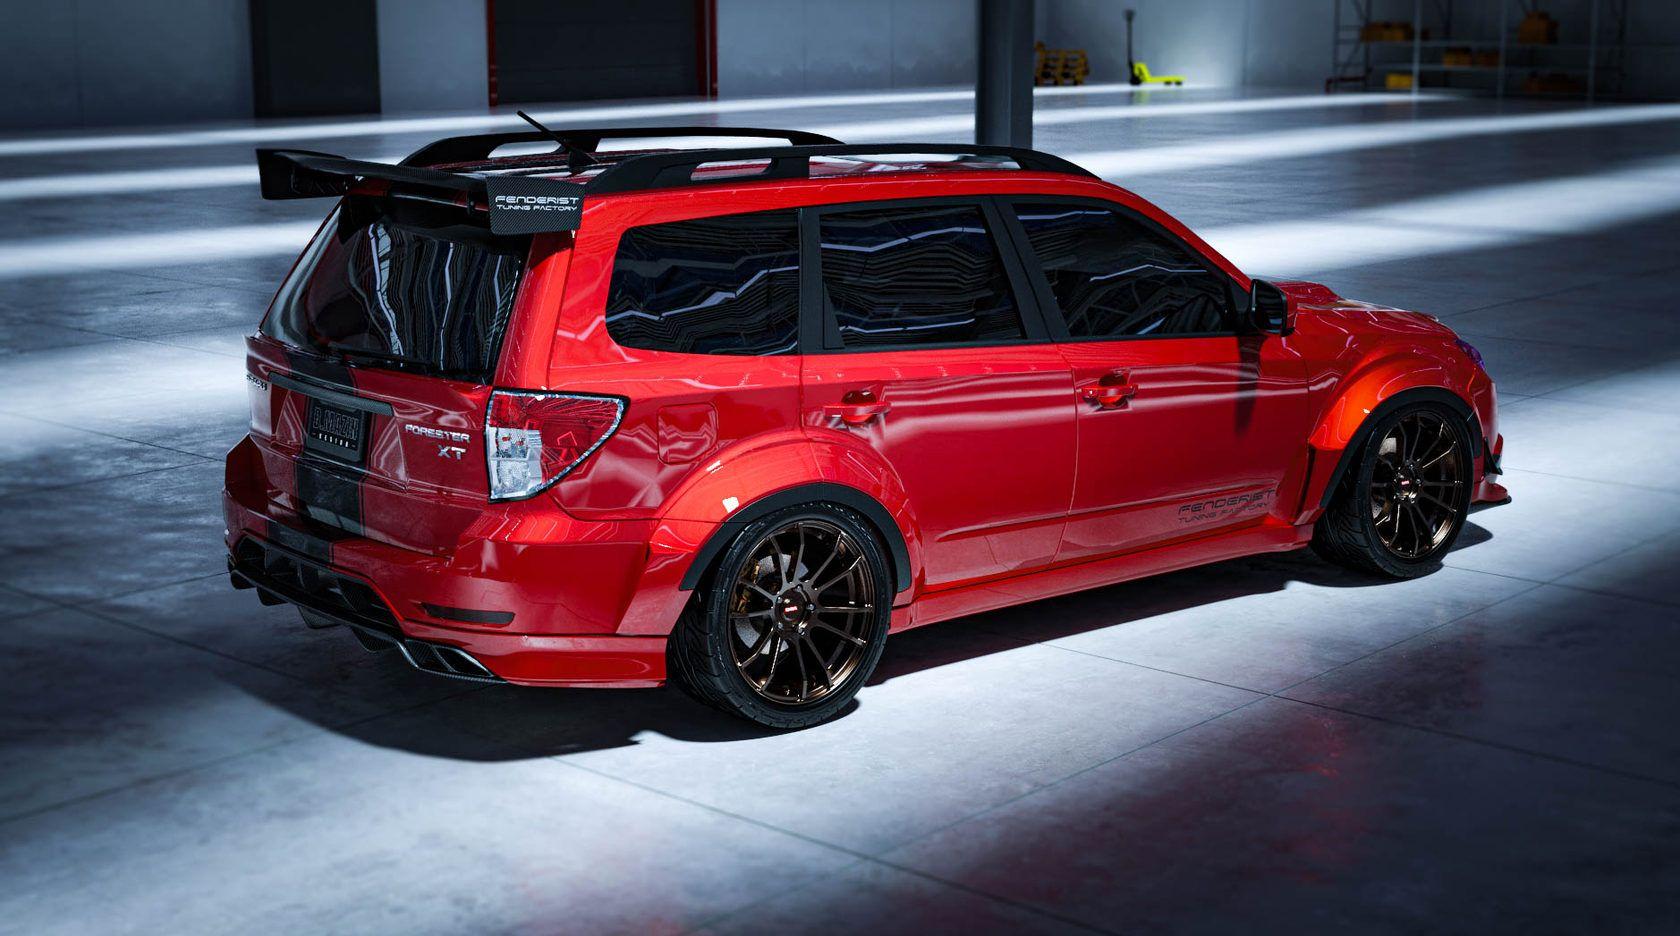 Top Spoiler Ver 2 Subaru Forester Sh 07 14 In 2020 Subaru Forester Subaru Subaru Forester Xt